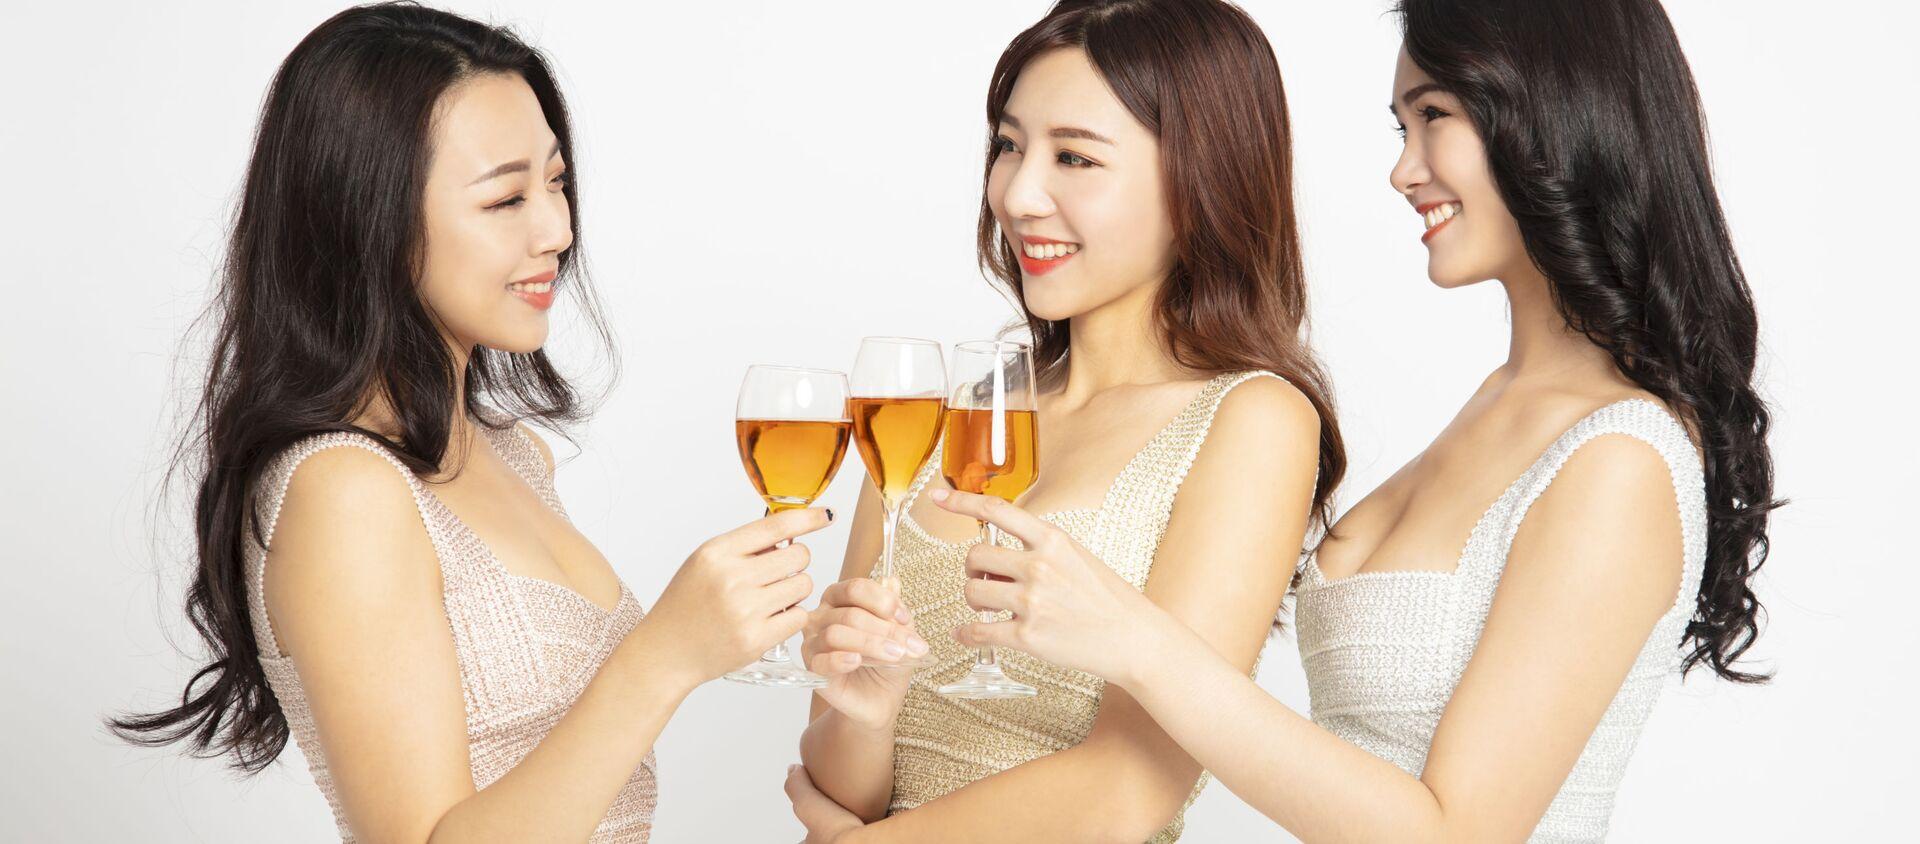 Các cô gái đang uống bia. - Sputnik Việt Nam, 1920, 17.06.2021